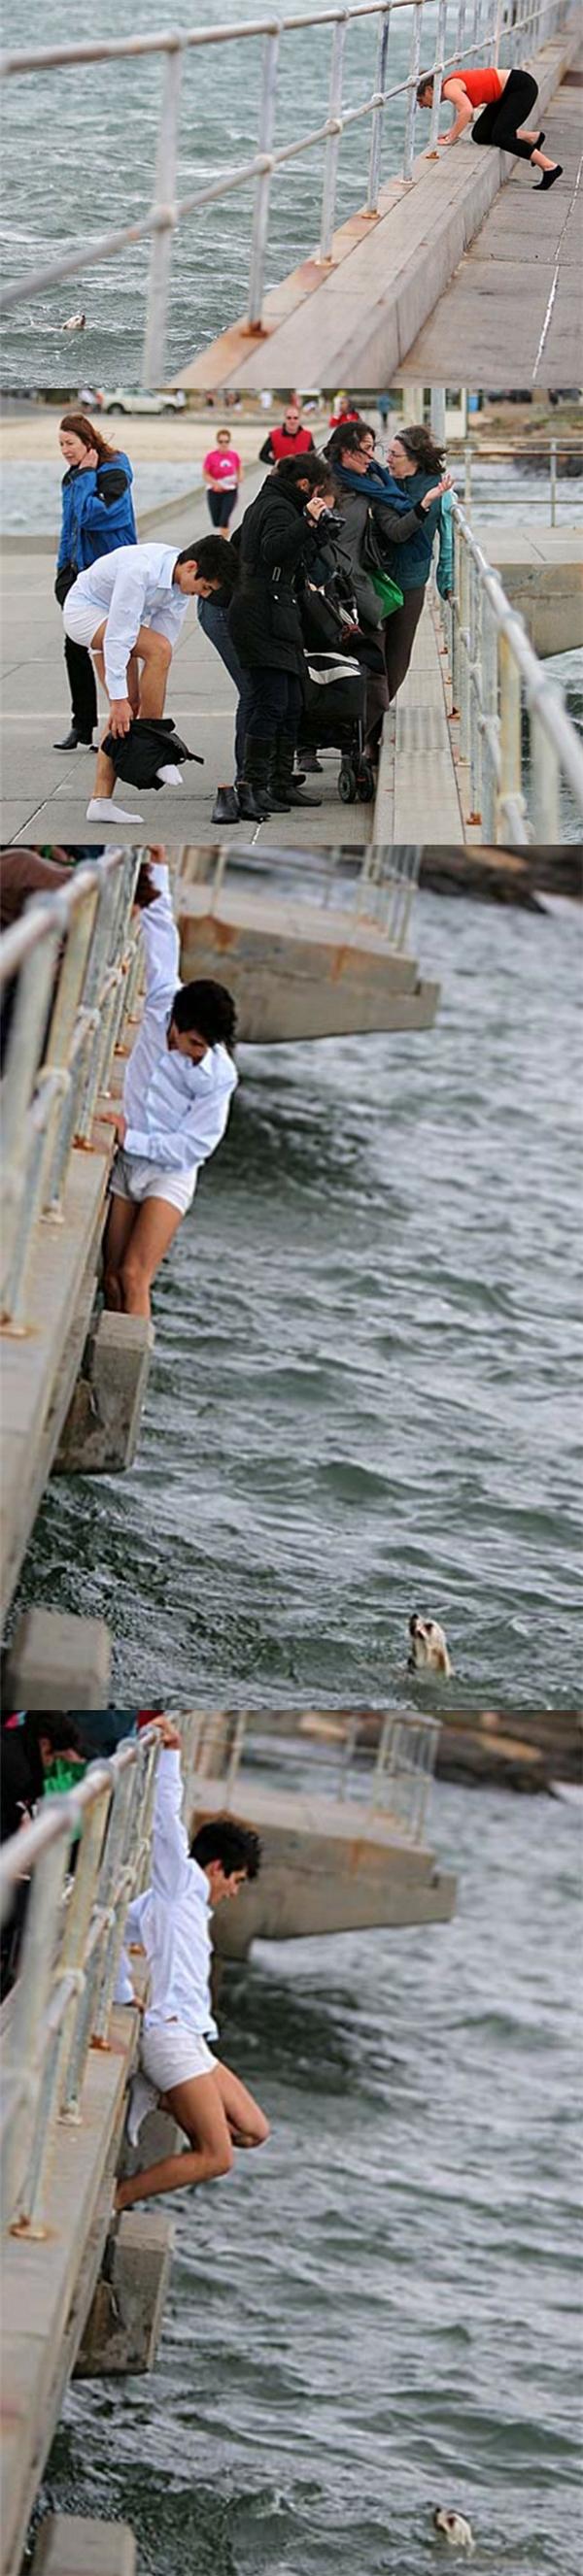 Sau khi thấy chú chó của một người lạ mặt bị lọt xuống nước khi đang đi dạo trên một bến tàu ở Melbourne, một chàng trai liền nhảy xuống vớt nó lên hộ bà.